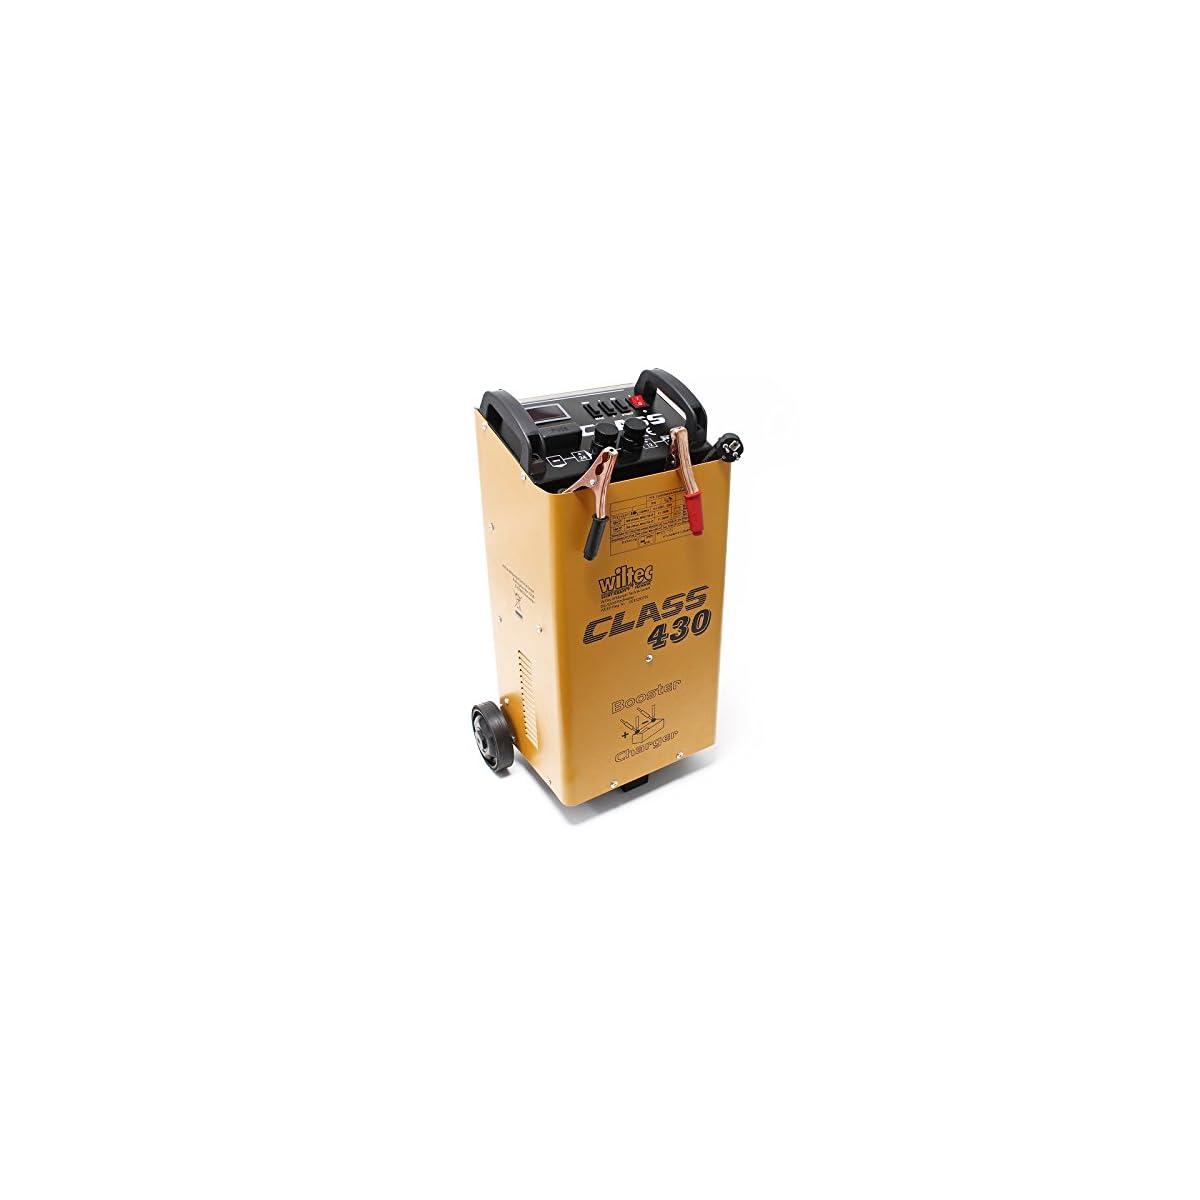 51afDkpt%2BUL. SS1200  - WilTec Boost 430 cargador arrancador carga bateria arranque 12V 24V Motocicleta Camión